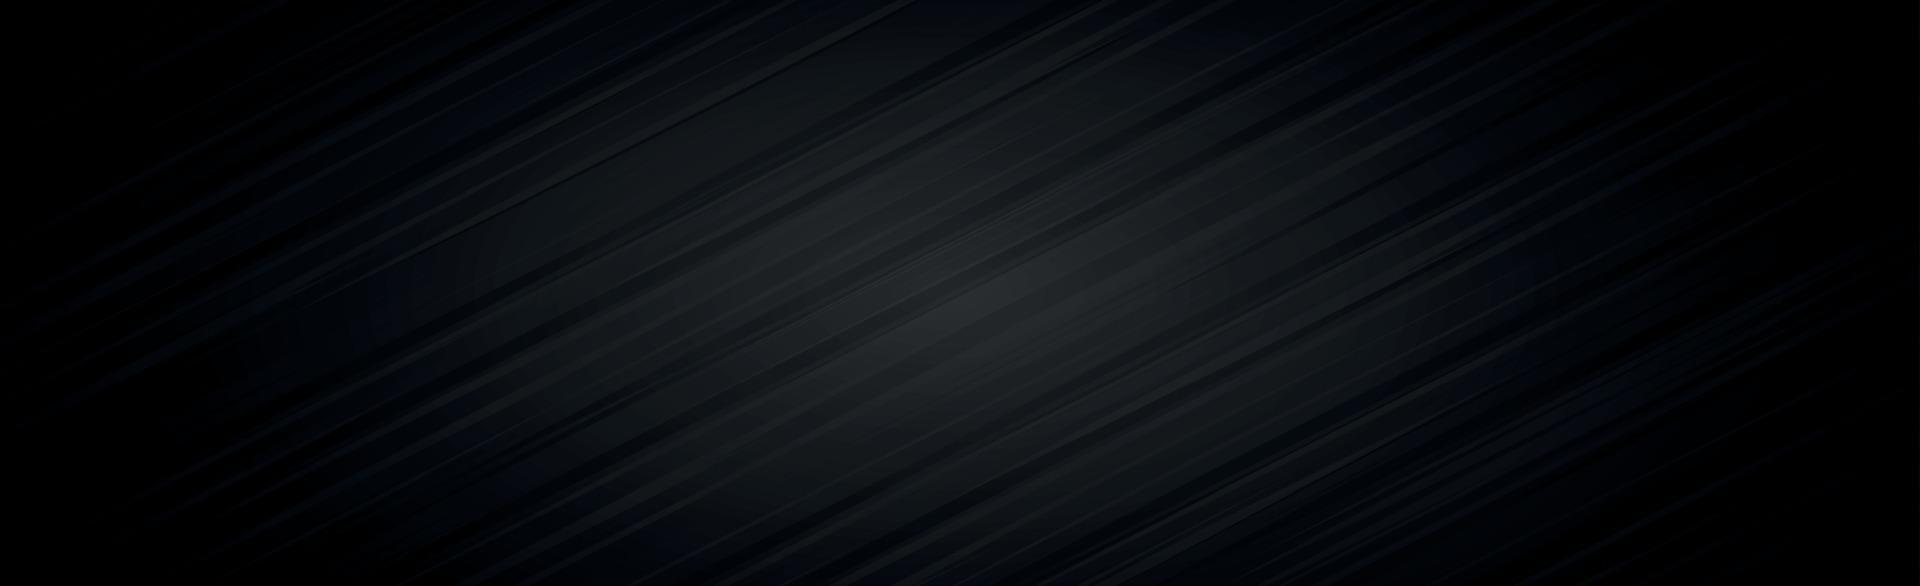 abstracte donkere zwarte getextureerde panoramische achtergrond - vector